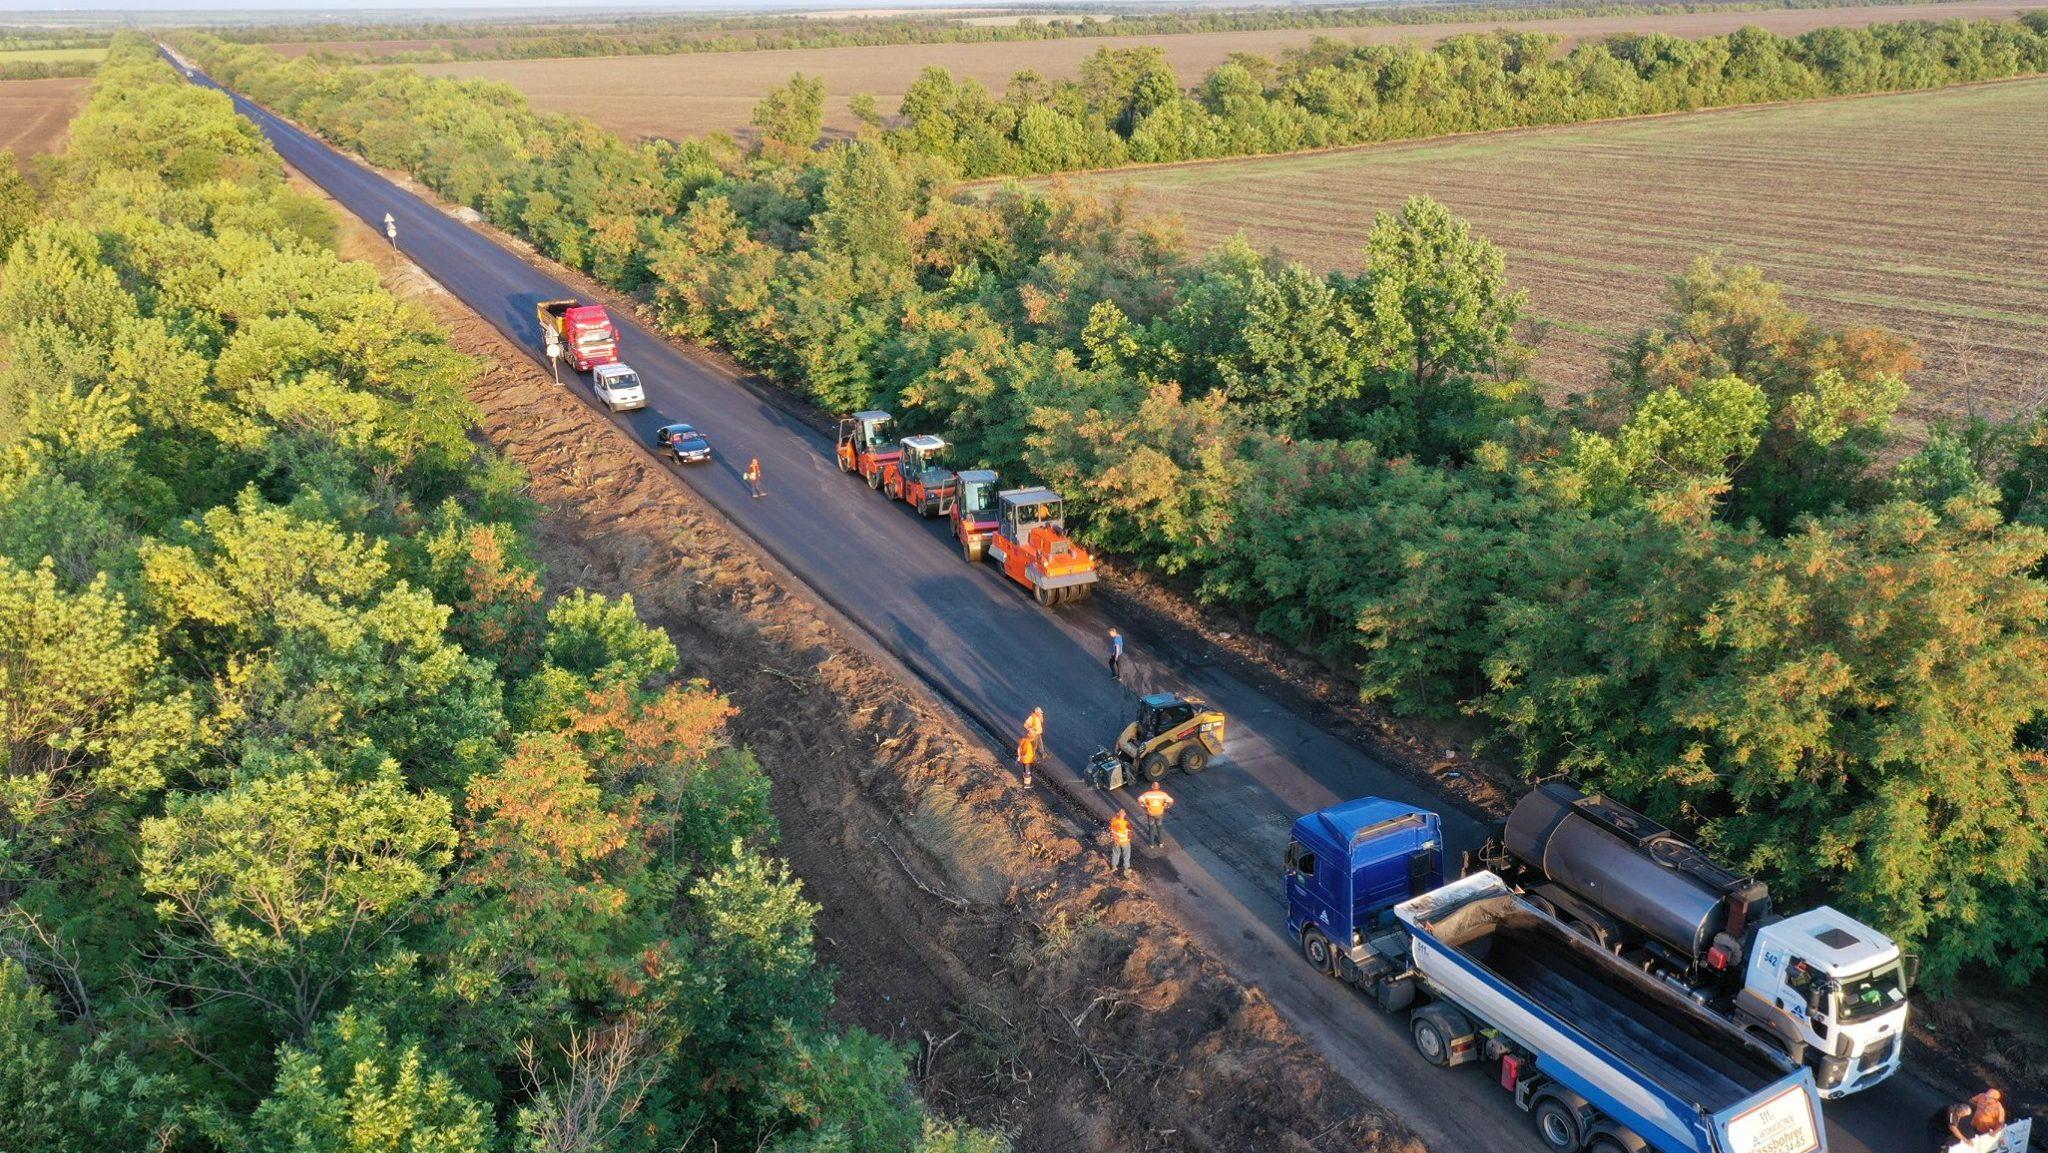 Премьер-министр Украины анонсировал открытие автомобильной дороги между Запорожьем и Мариуполем